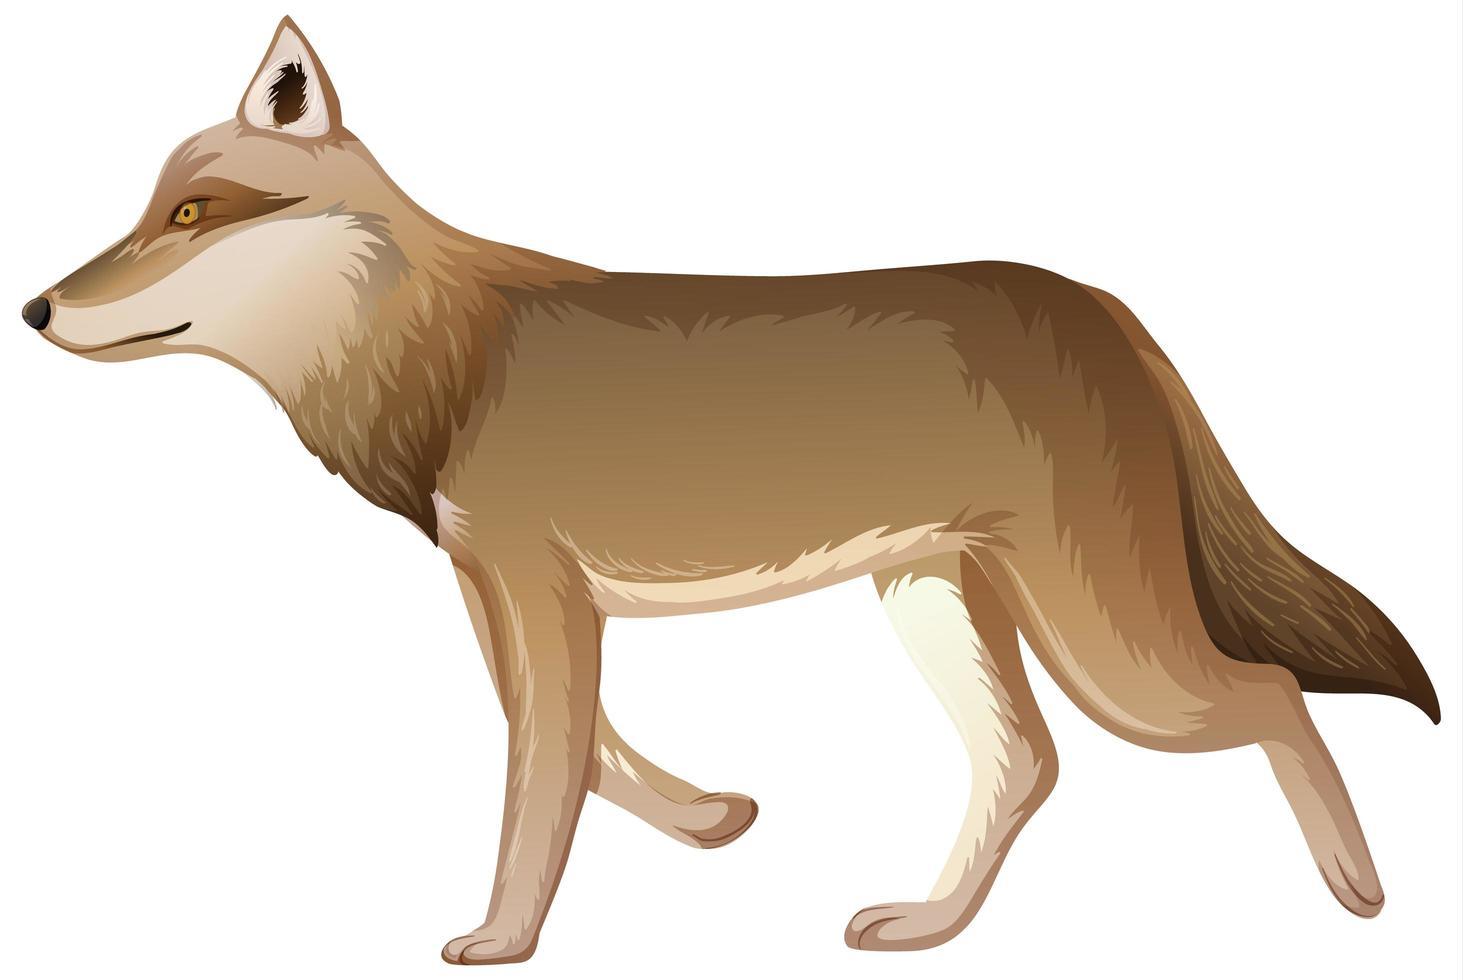 un loup en style cartoon isolé sur fond blanc vecteur